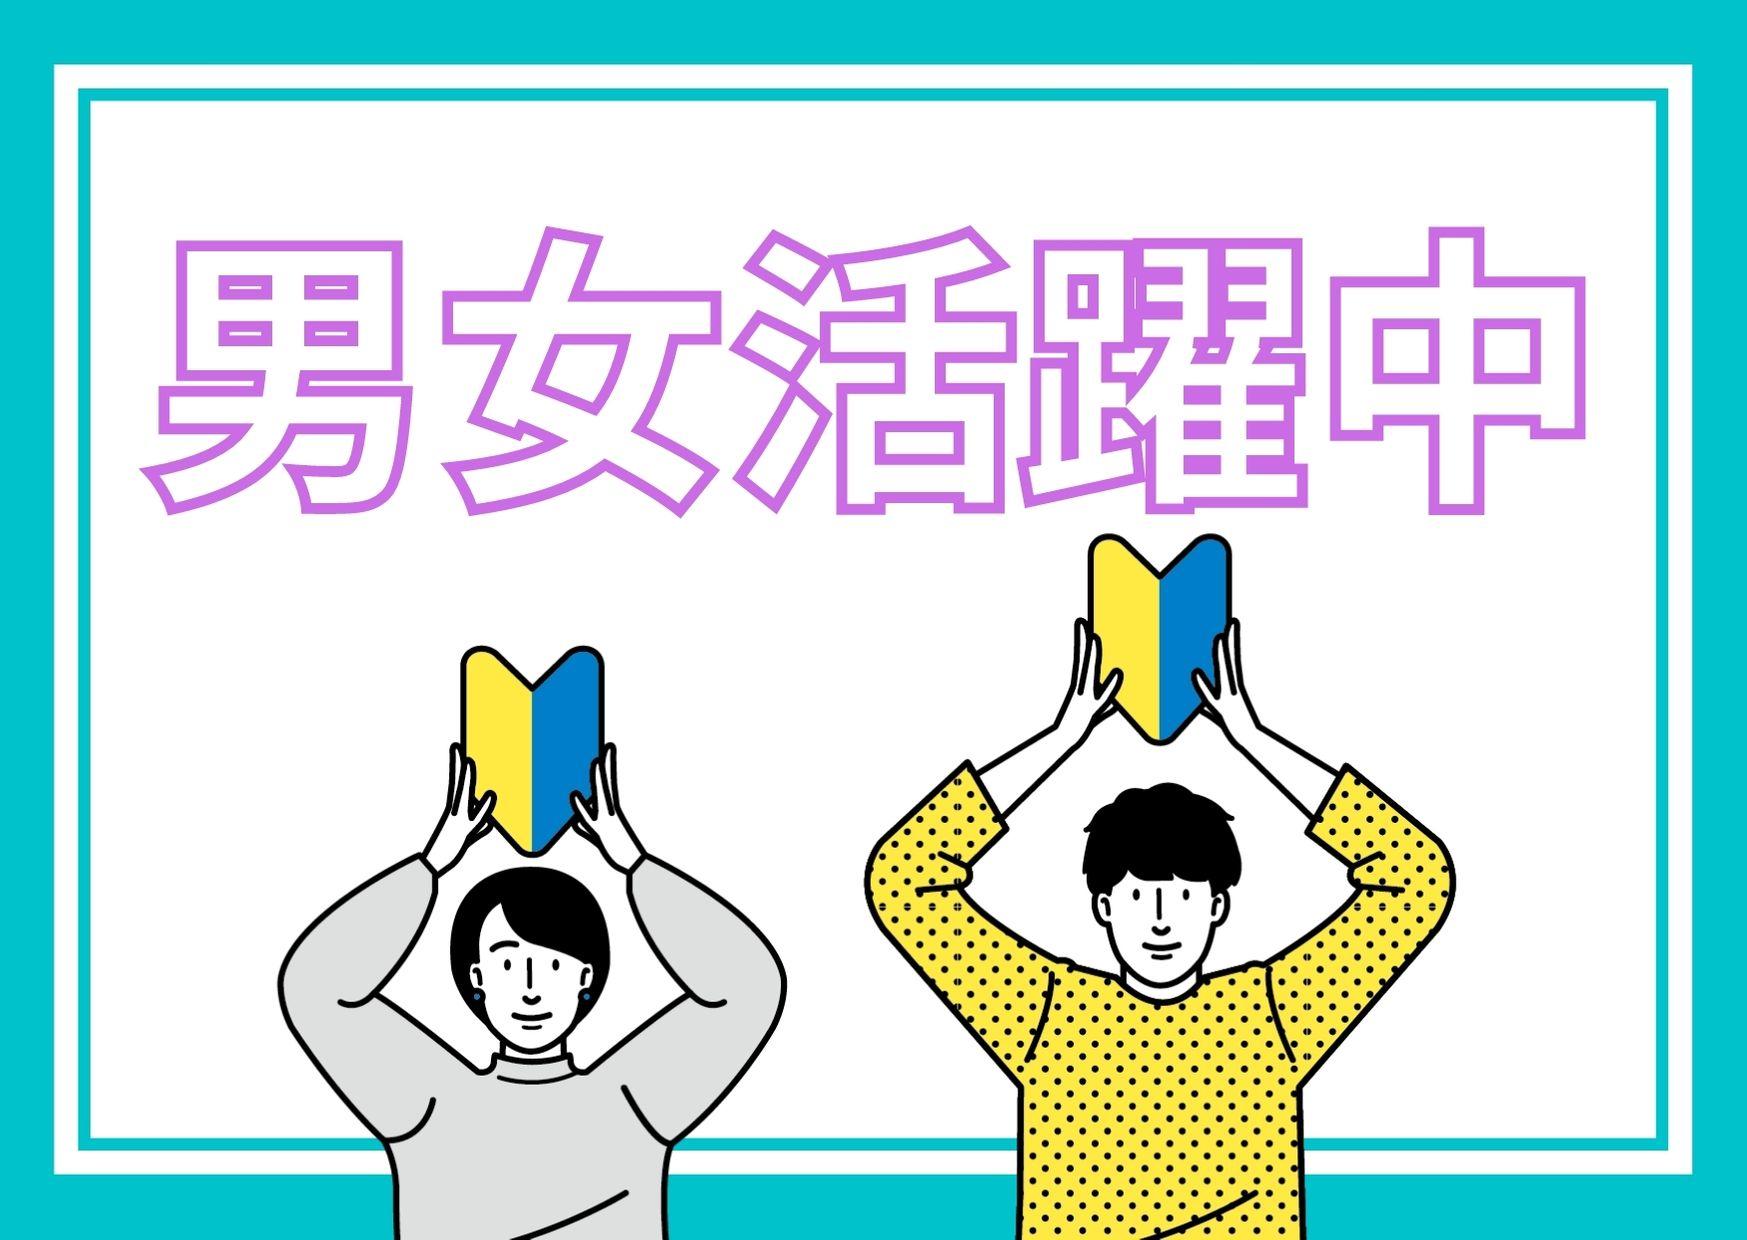 【金沢市】フォークリフトでの入出荷作業/時給1150円/週払い制...